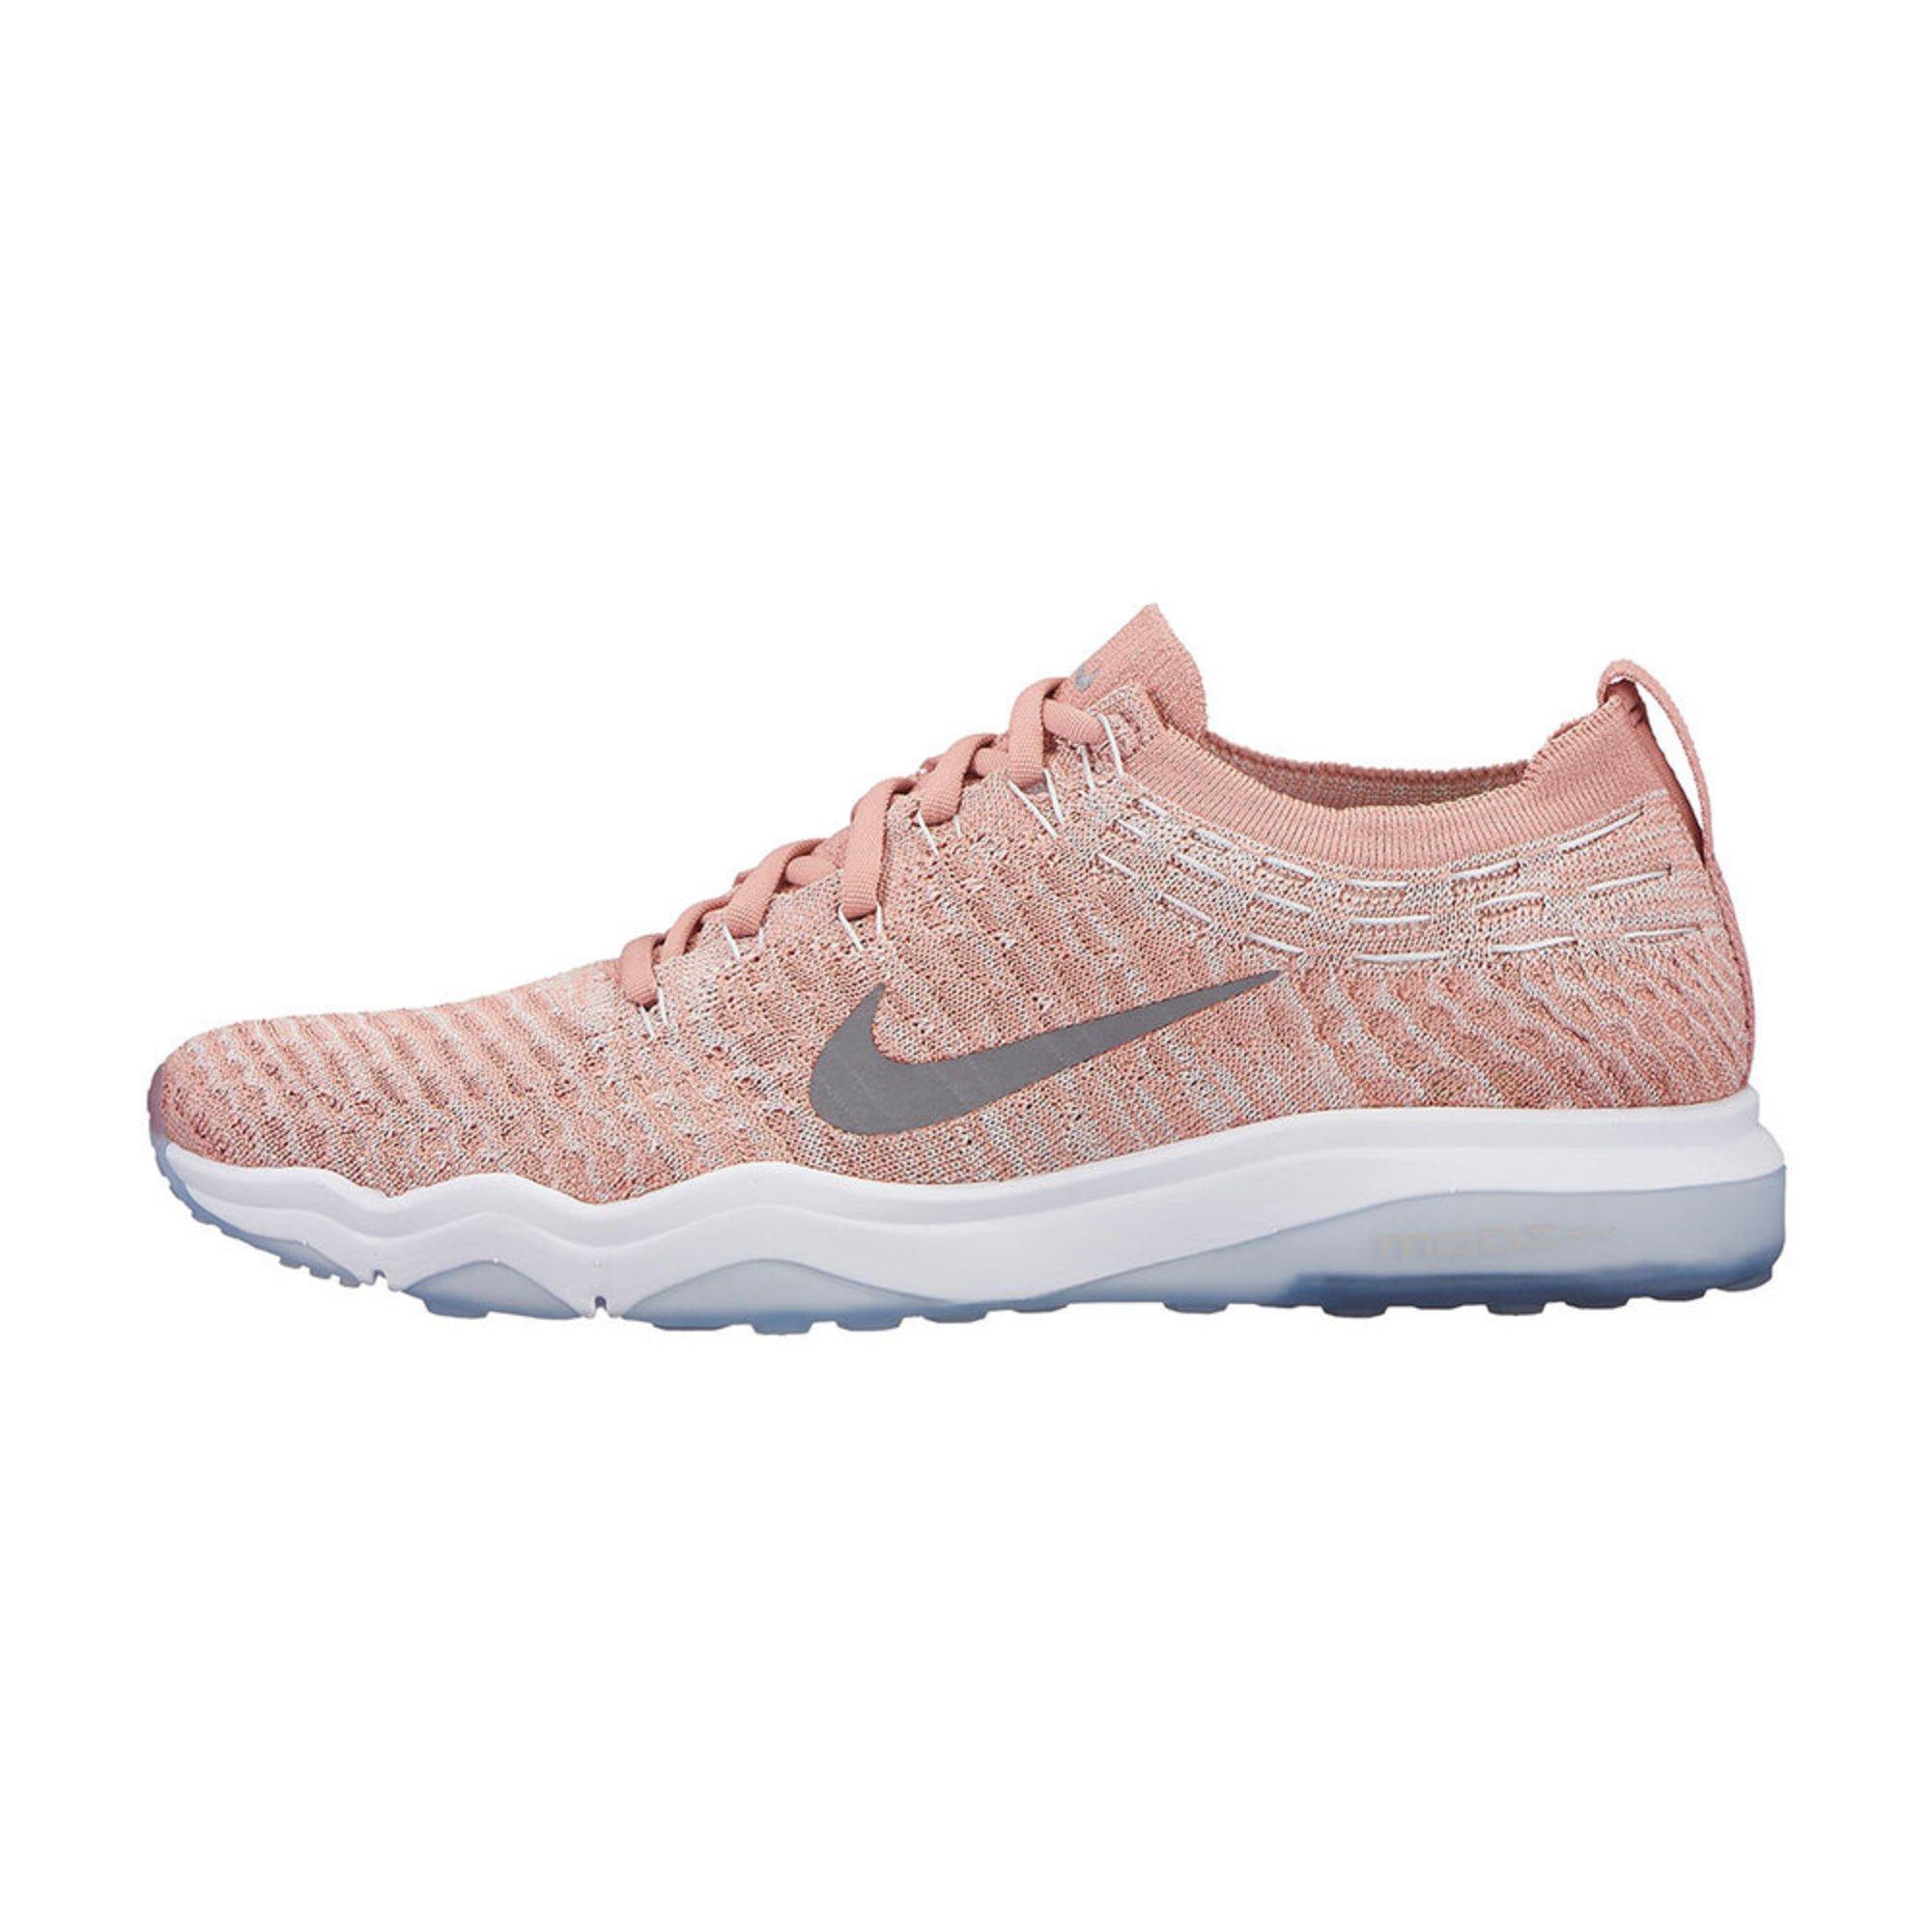 Nike Flyknit Woman Sale Shoe